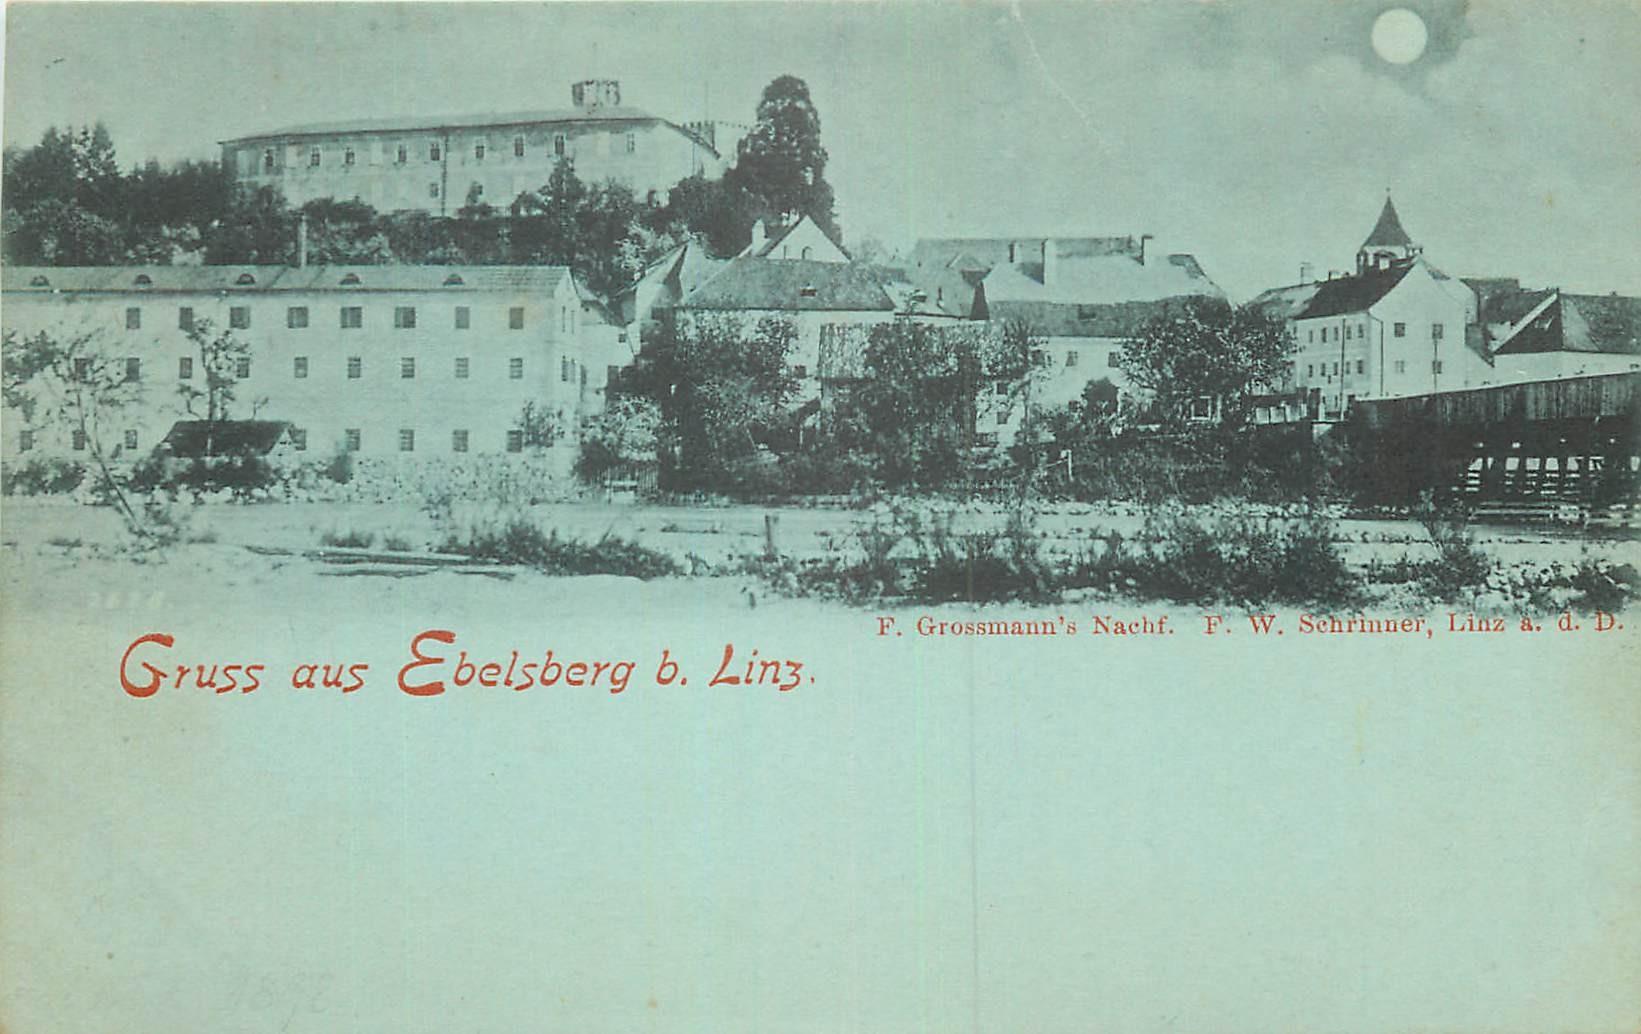 WW AUTRICHE. Gruss aus Ebelsberg b. Linz vers 1900